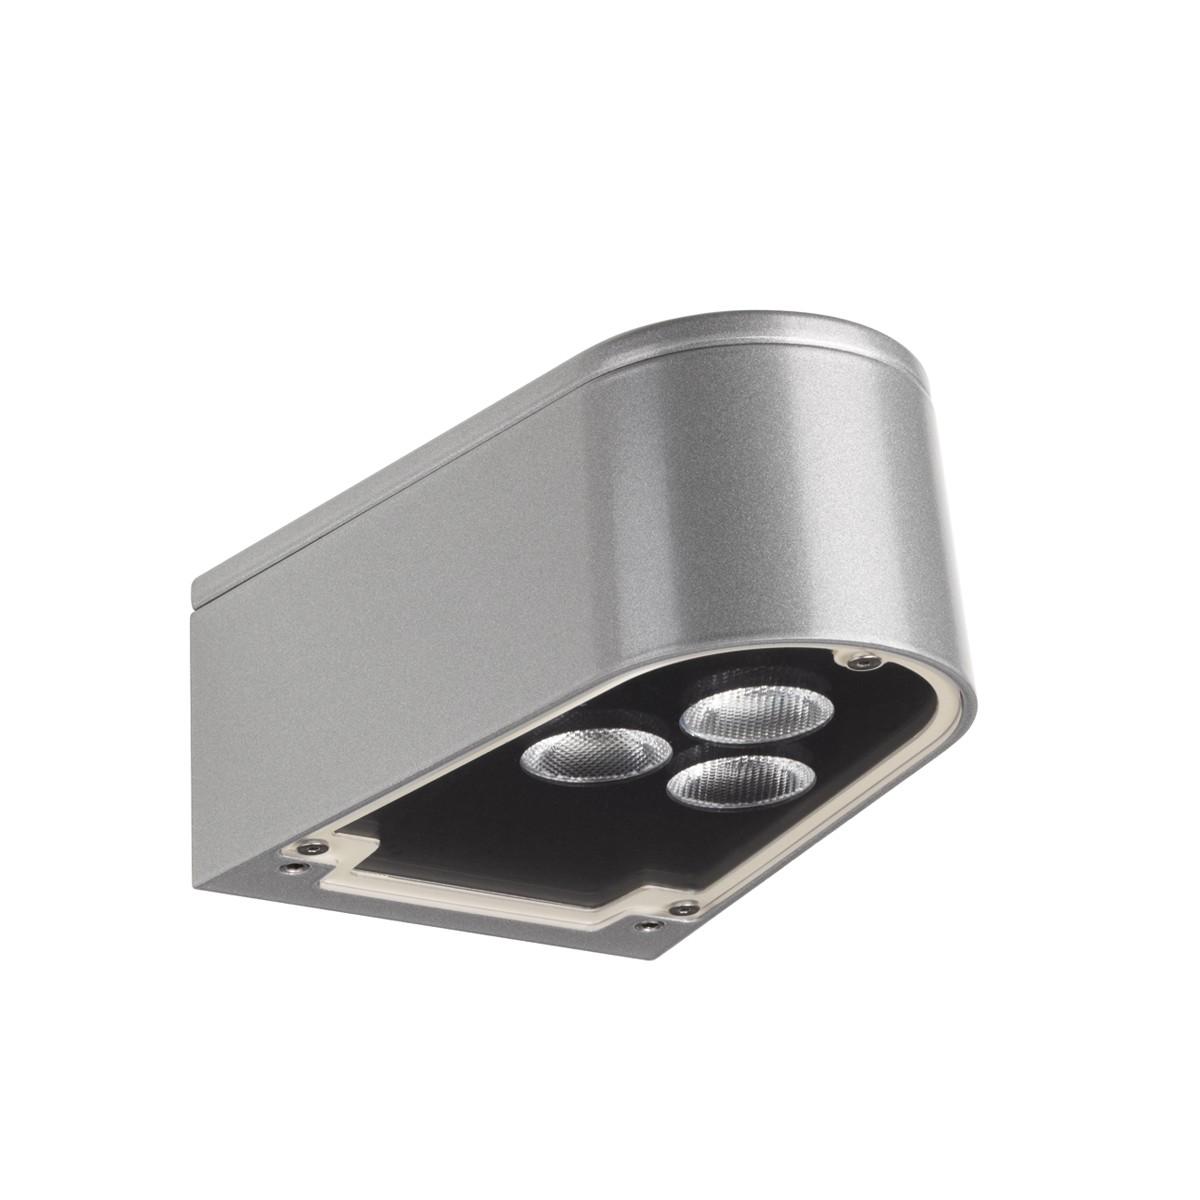 LCD Außenleuchten 1004 Up & Down Wandleuchte, Silber, Lichtausfall: schmal/breit